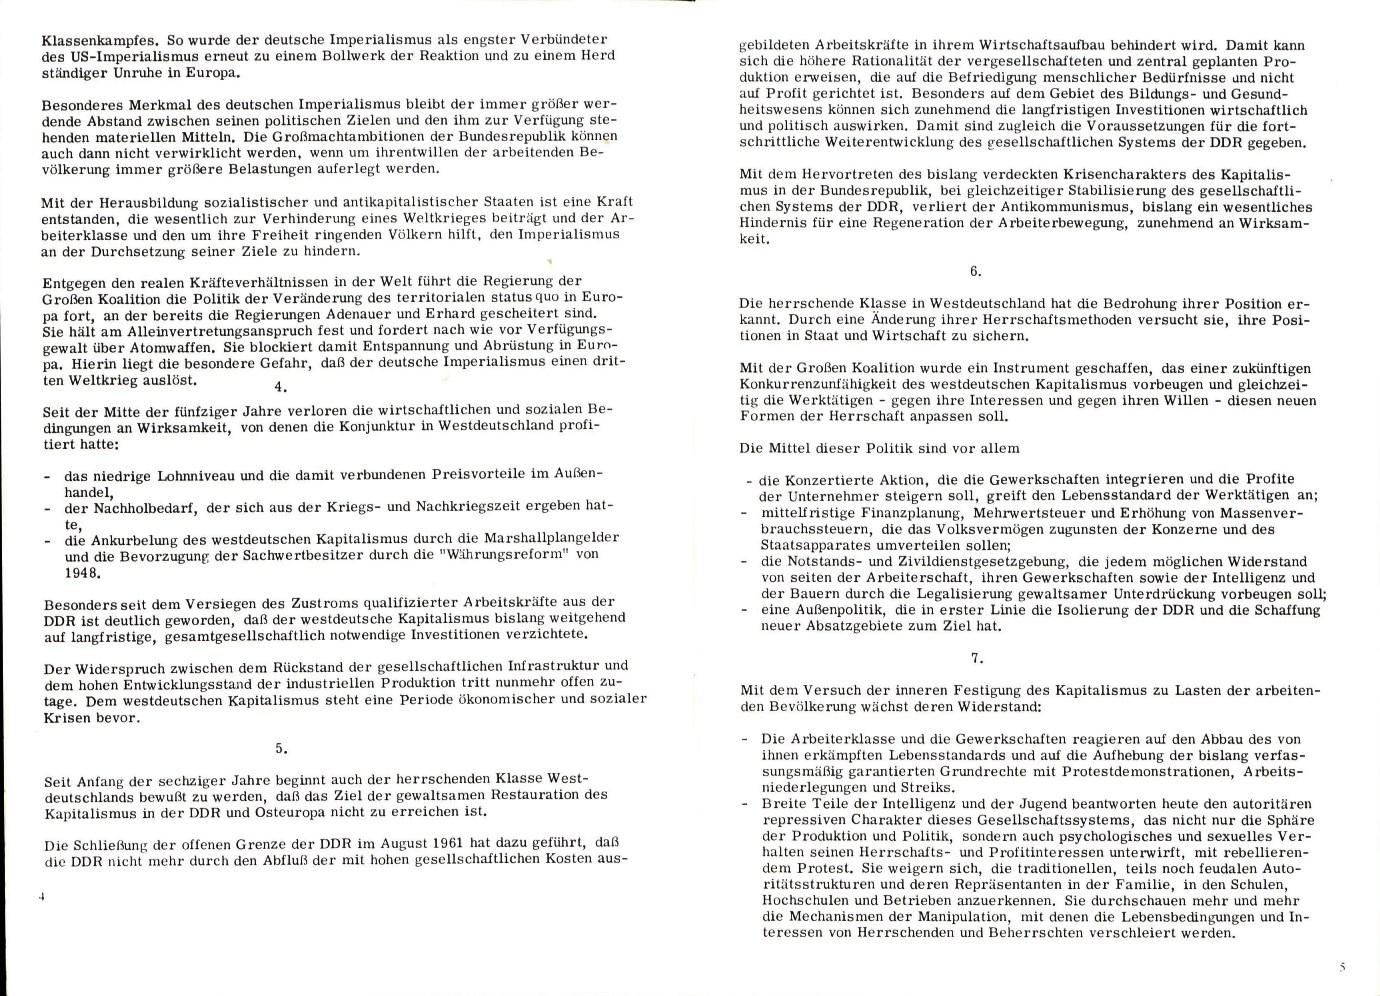 Sozialistisches_Zentrum_1968_Aktionsprogramm_03